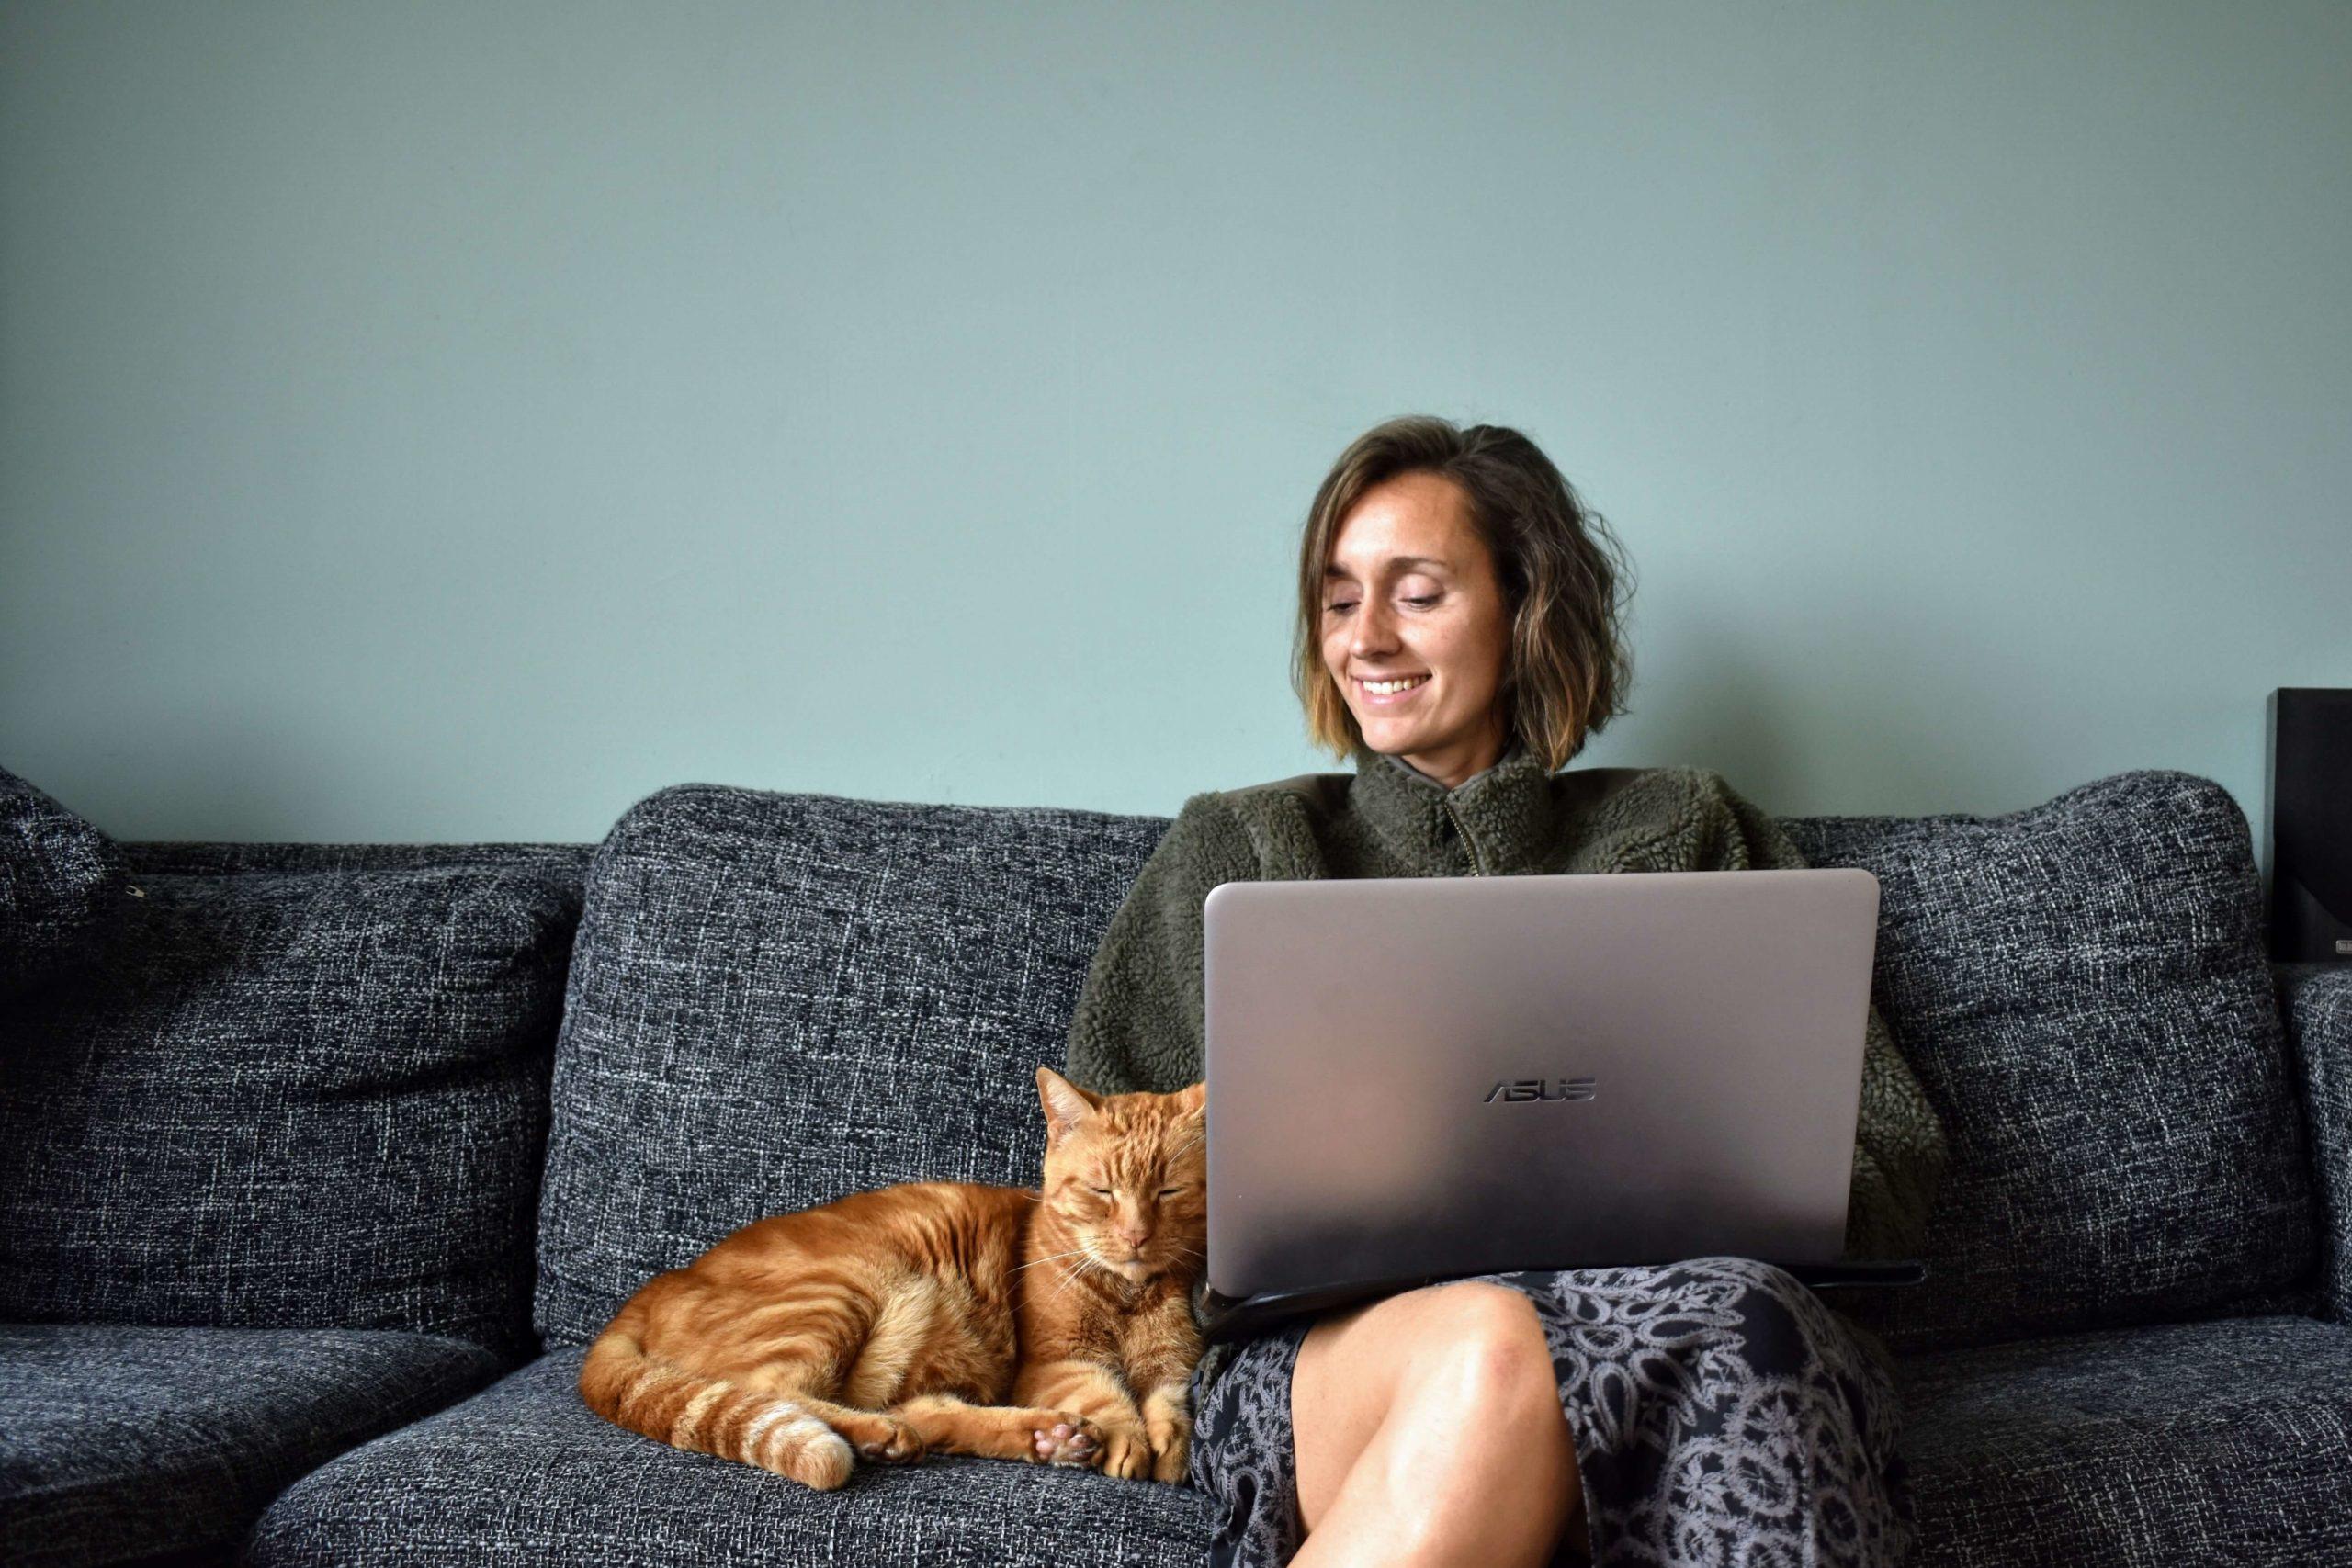 Katzensitter | PerfekteTiersitter™